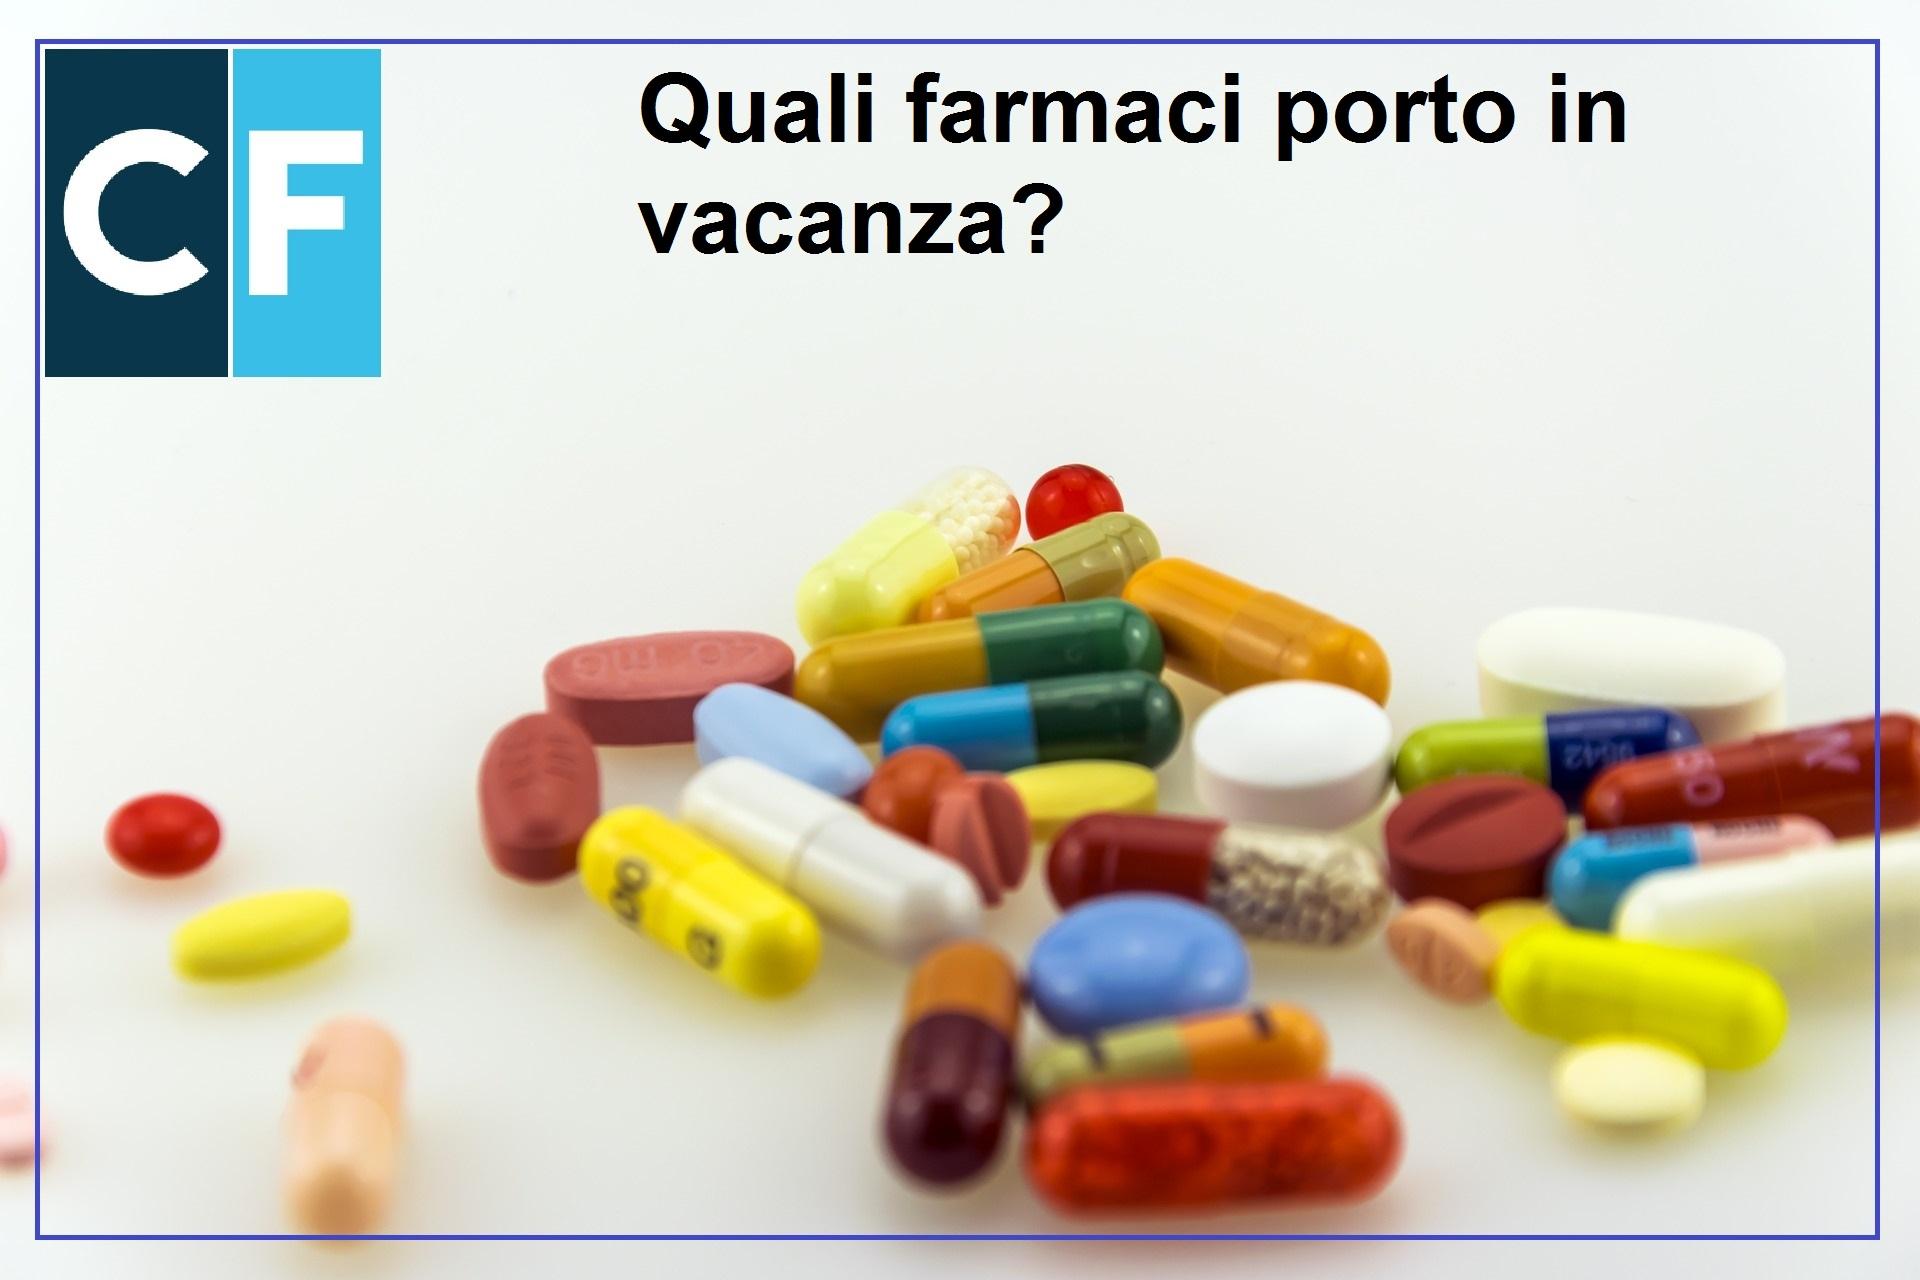 Quali farmaci porto in vacanza?